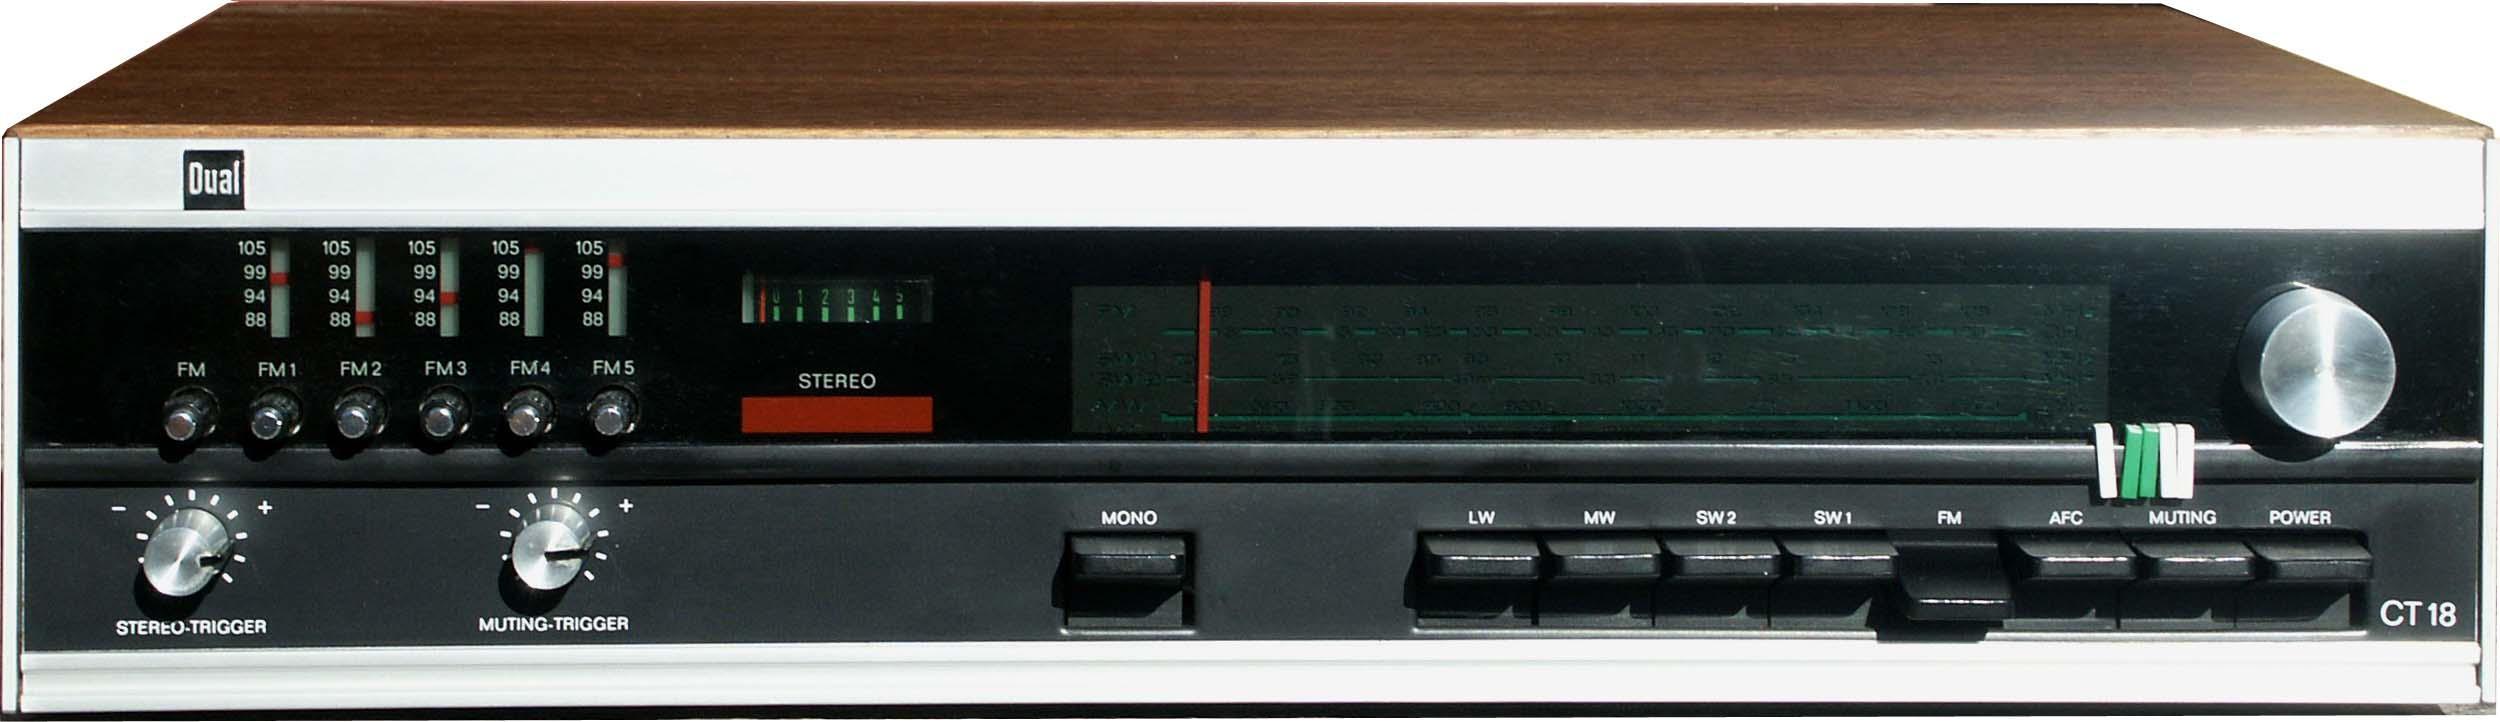 Drucker, Geräte von Dual, Röhrenradios